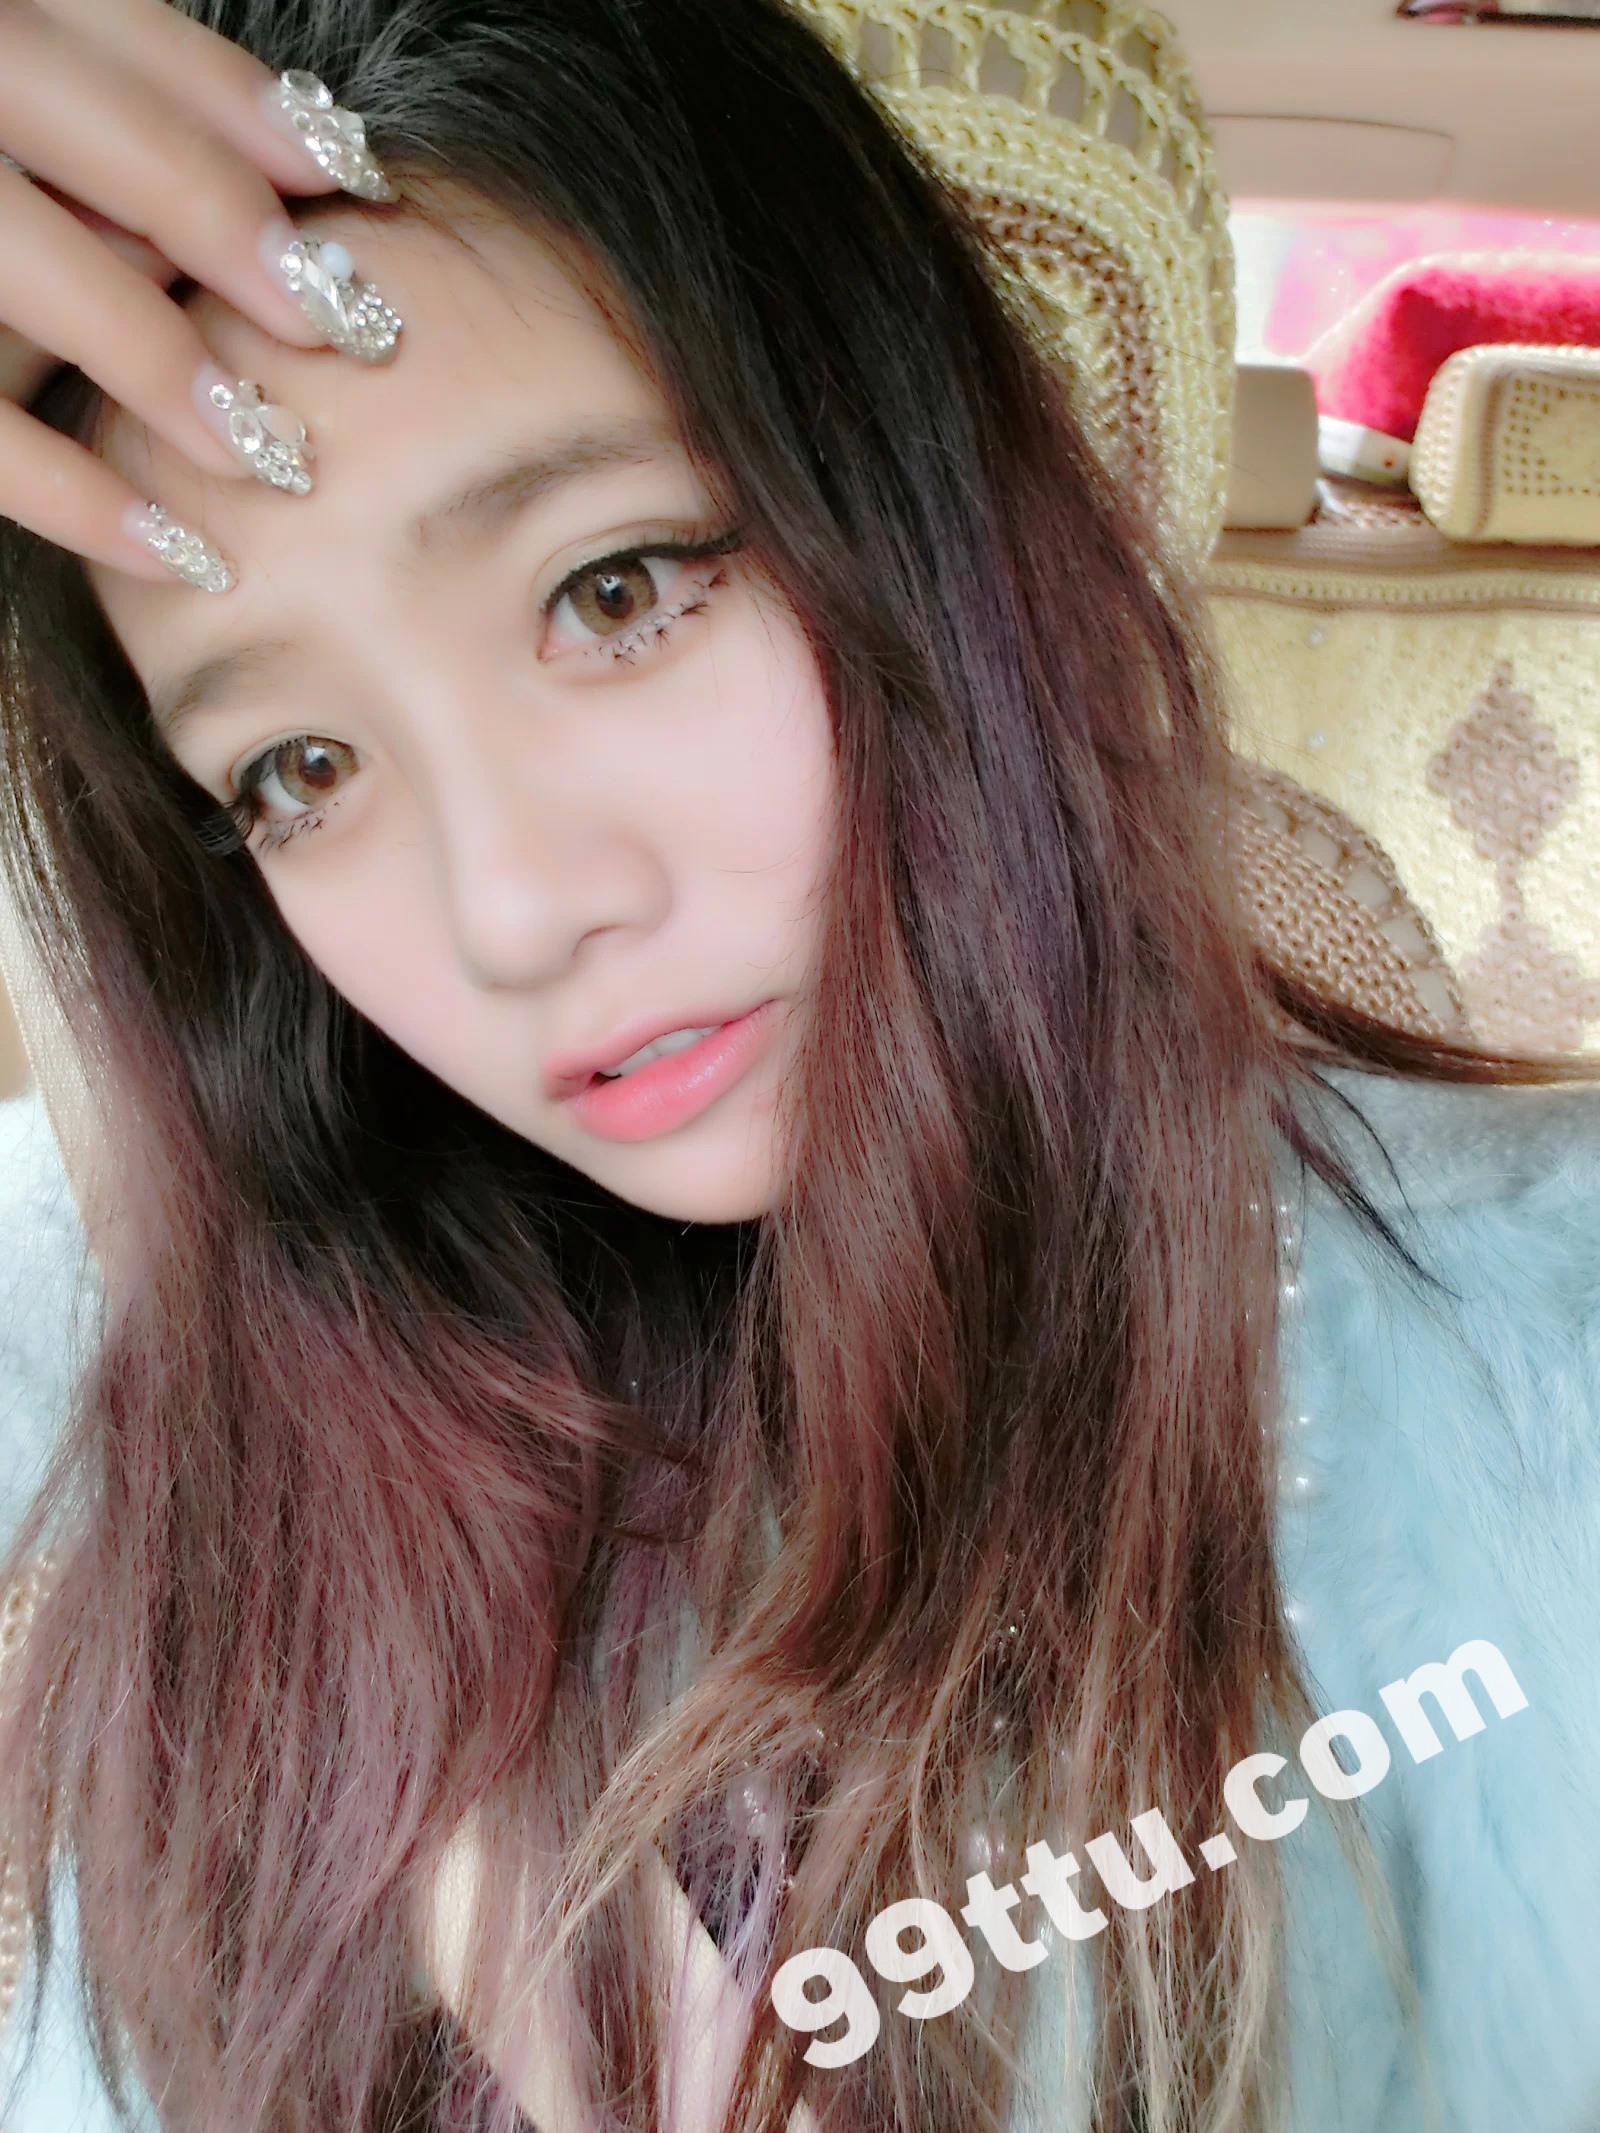 KK90_1390图+6视频 美女靓丽青春素材生活照-7